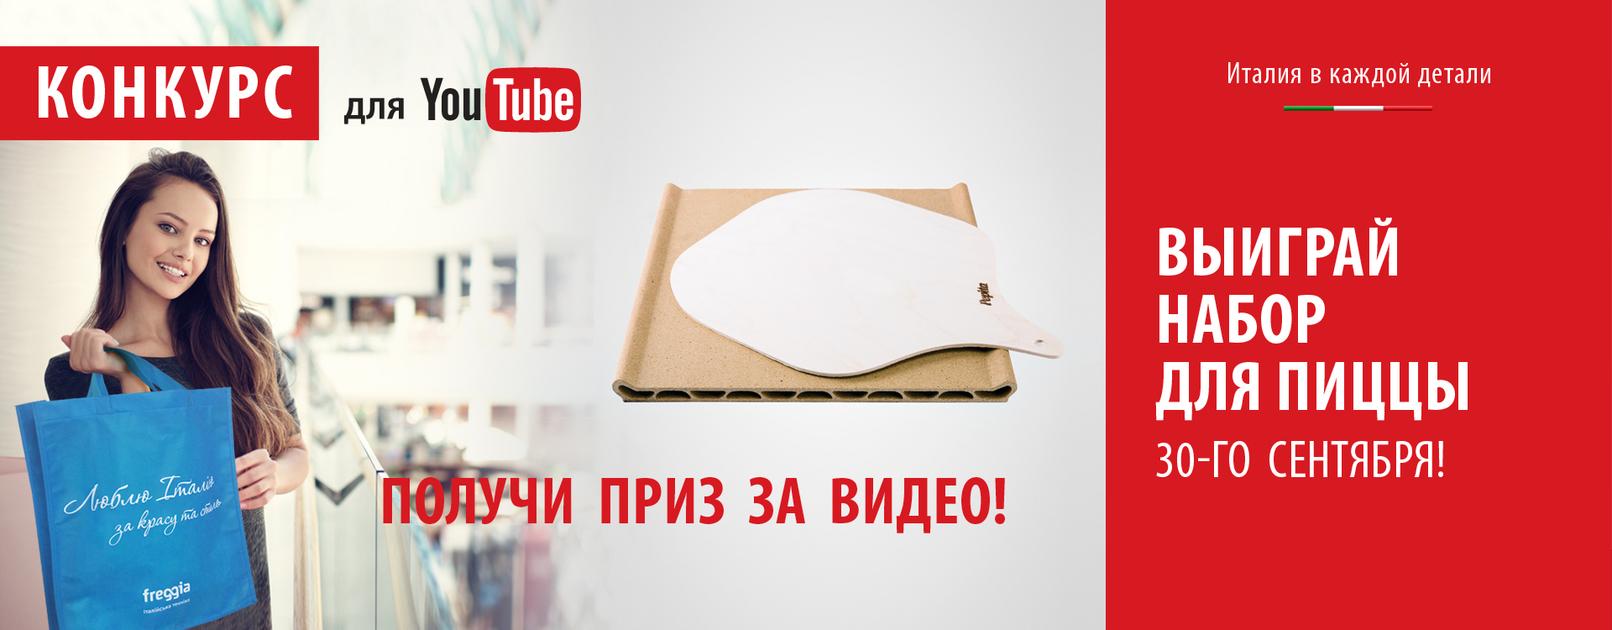 Получи приз за видео!